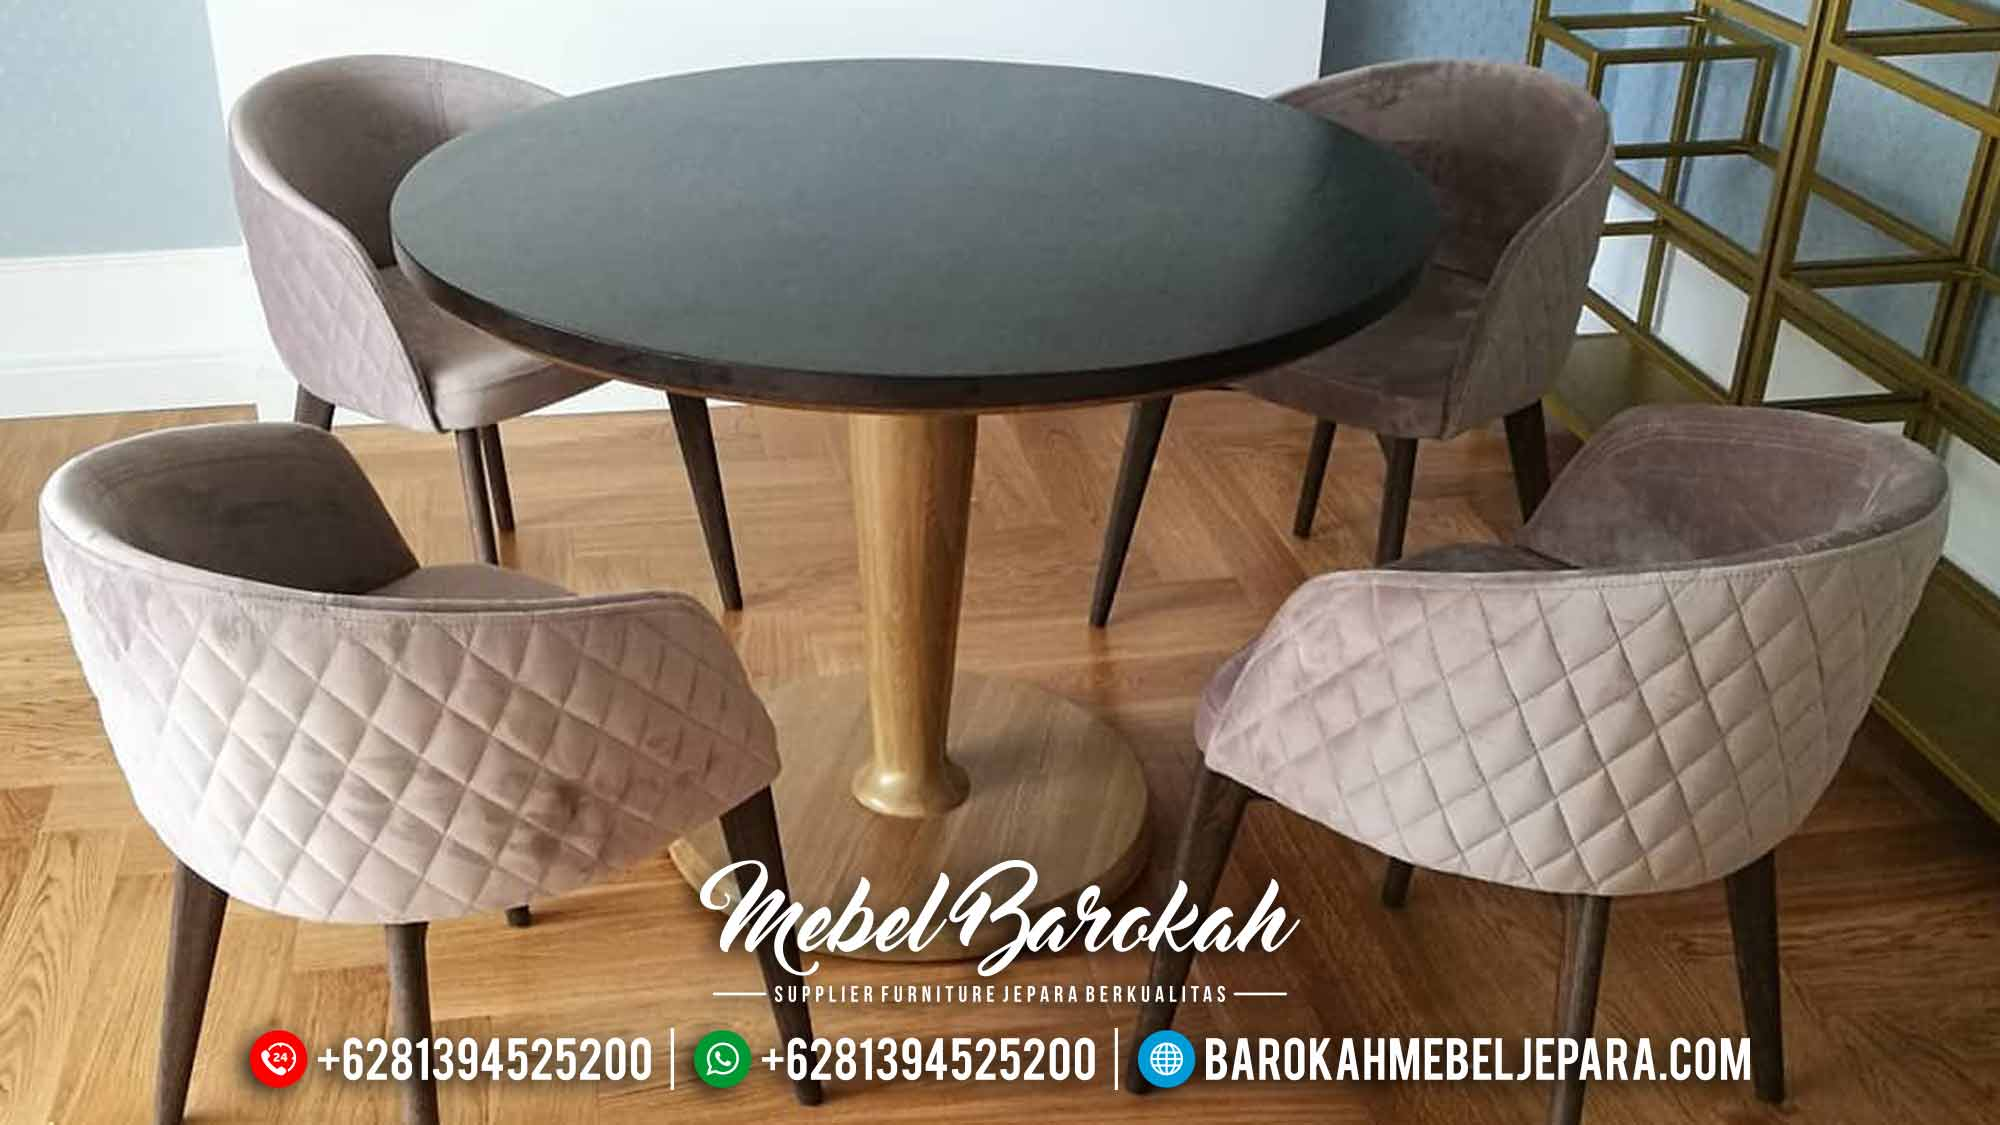 Meja Makan Mewah, Meja Makan Ukiran Mewah, MB-0281, Barokah Mebel Jepara